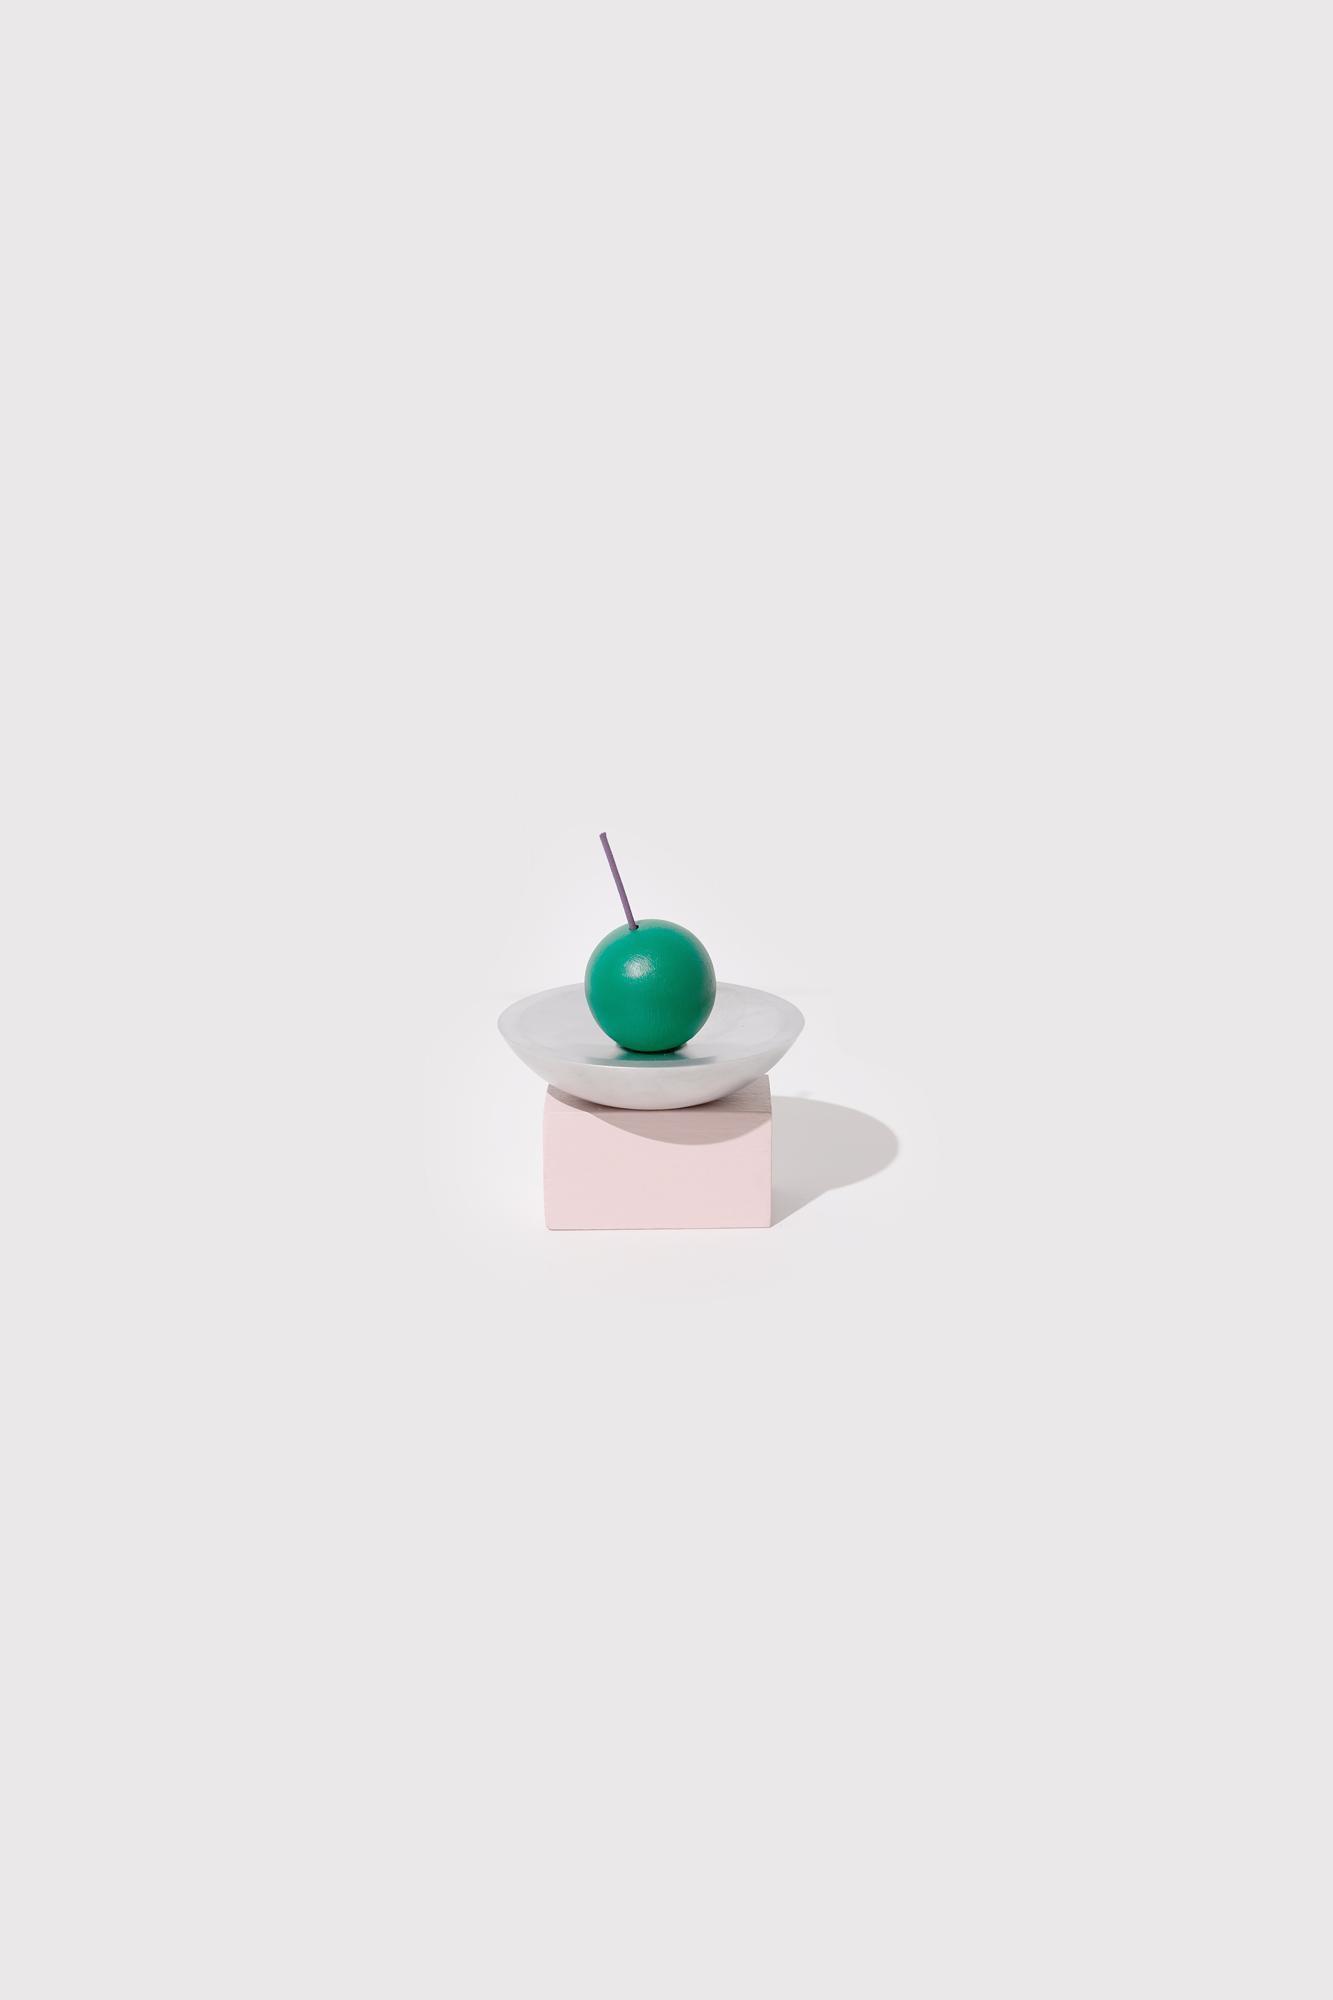 Incense-Holder-Apple.jpg